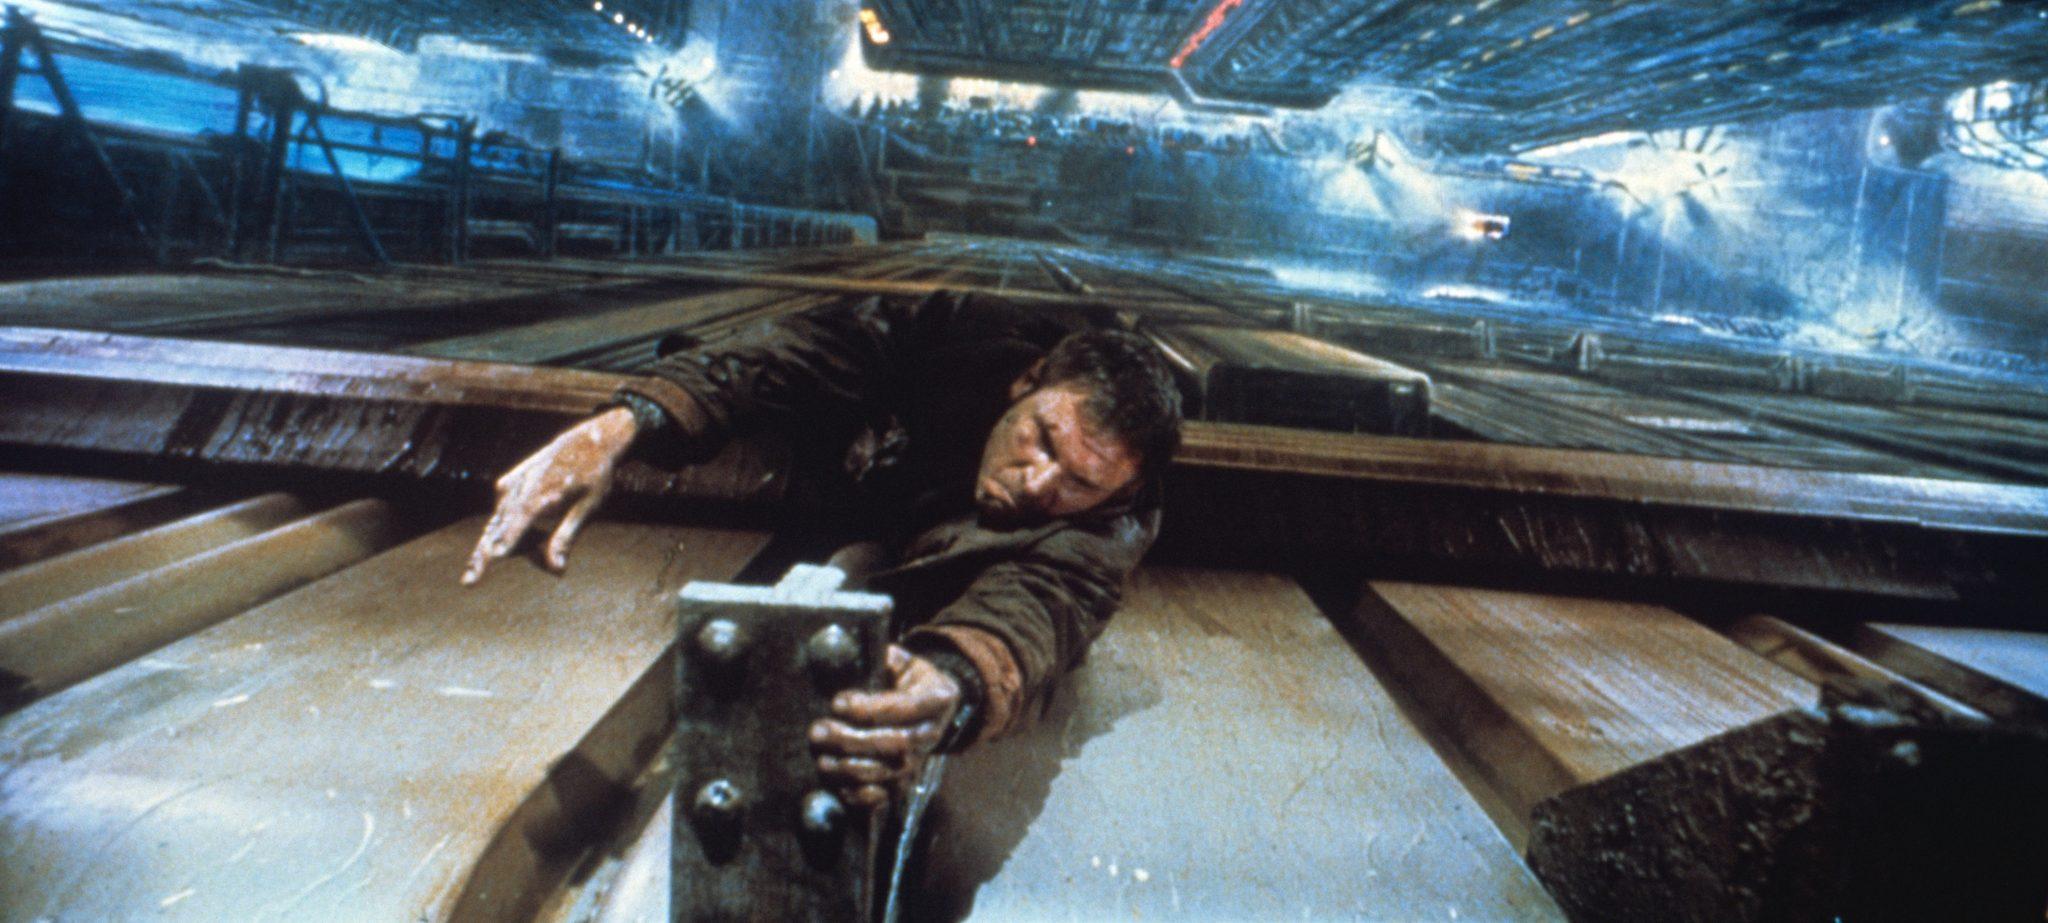 Blade Runner- The Final Cut - Rerelease trailer